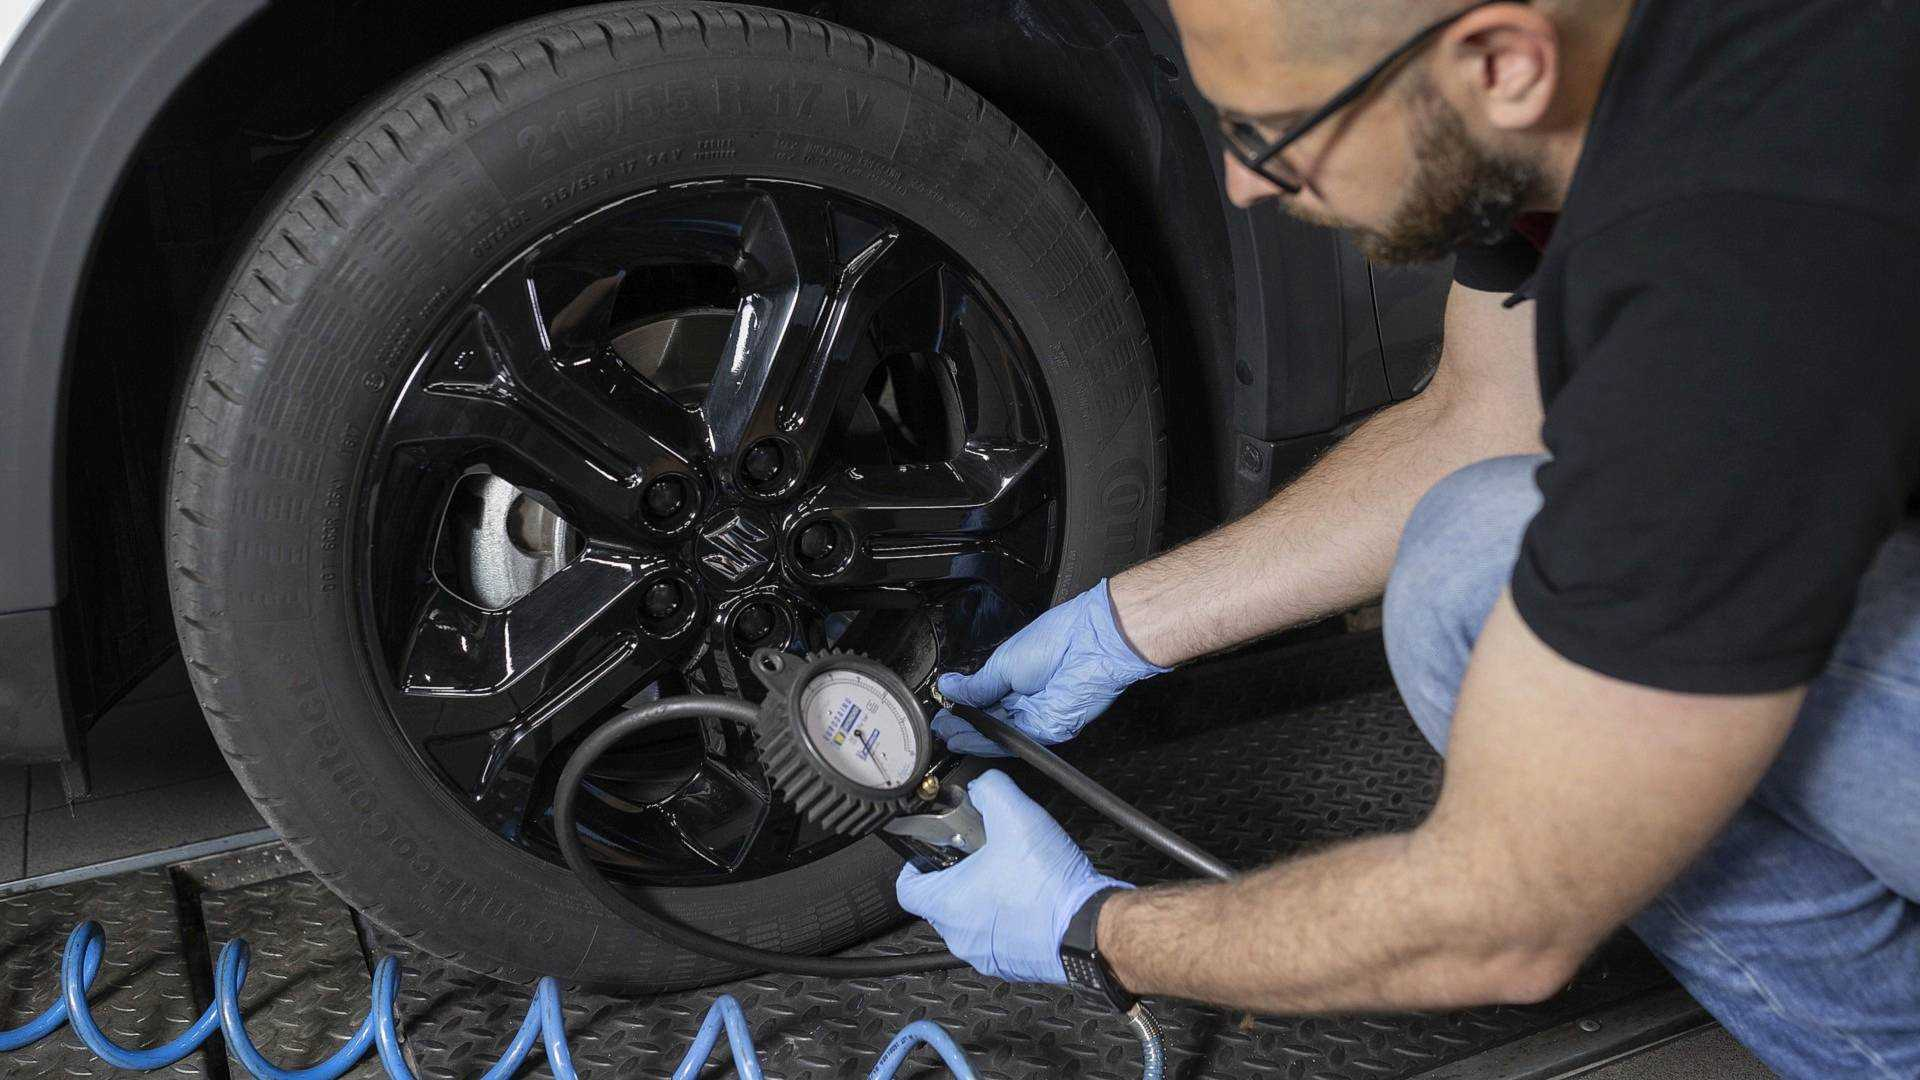 Batterie, entretien... 5 conseils pour protéger votre voiture durant le confinement